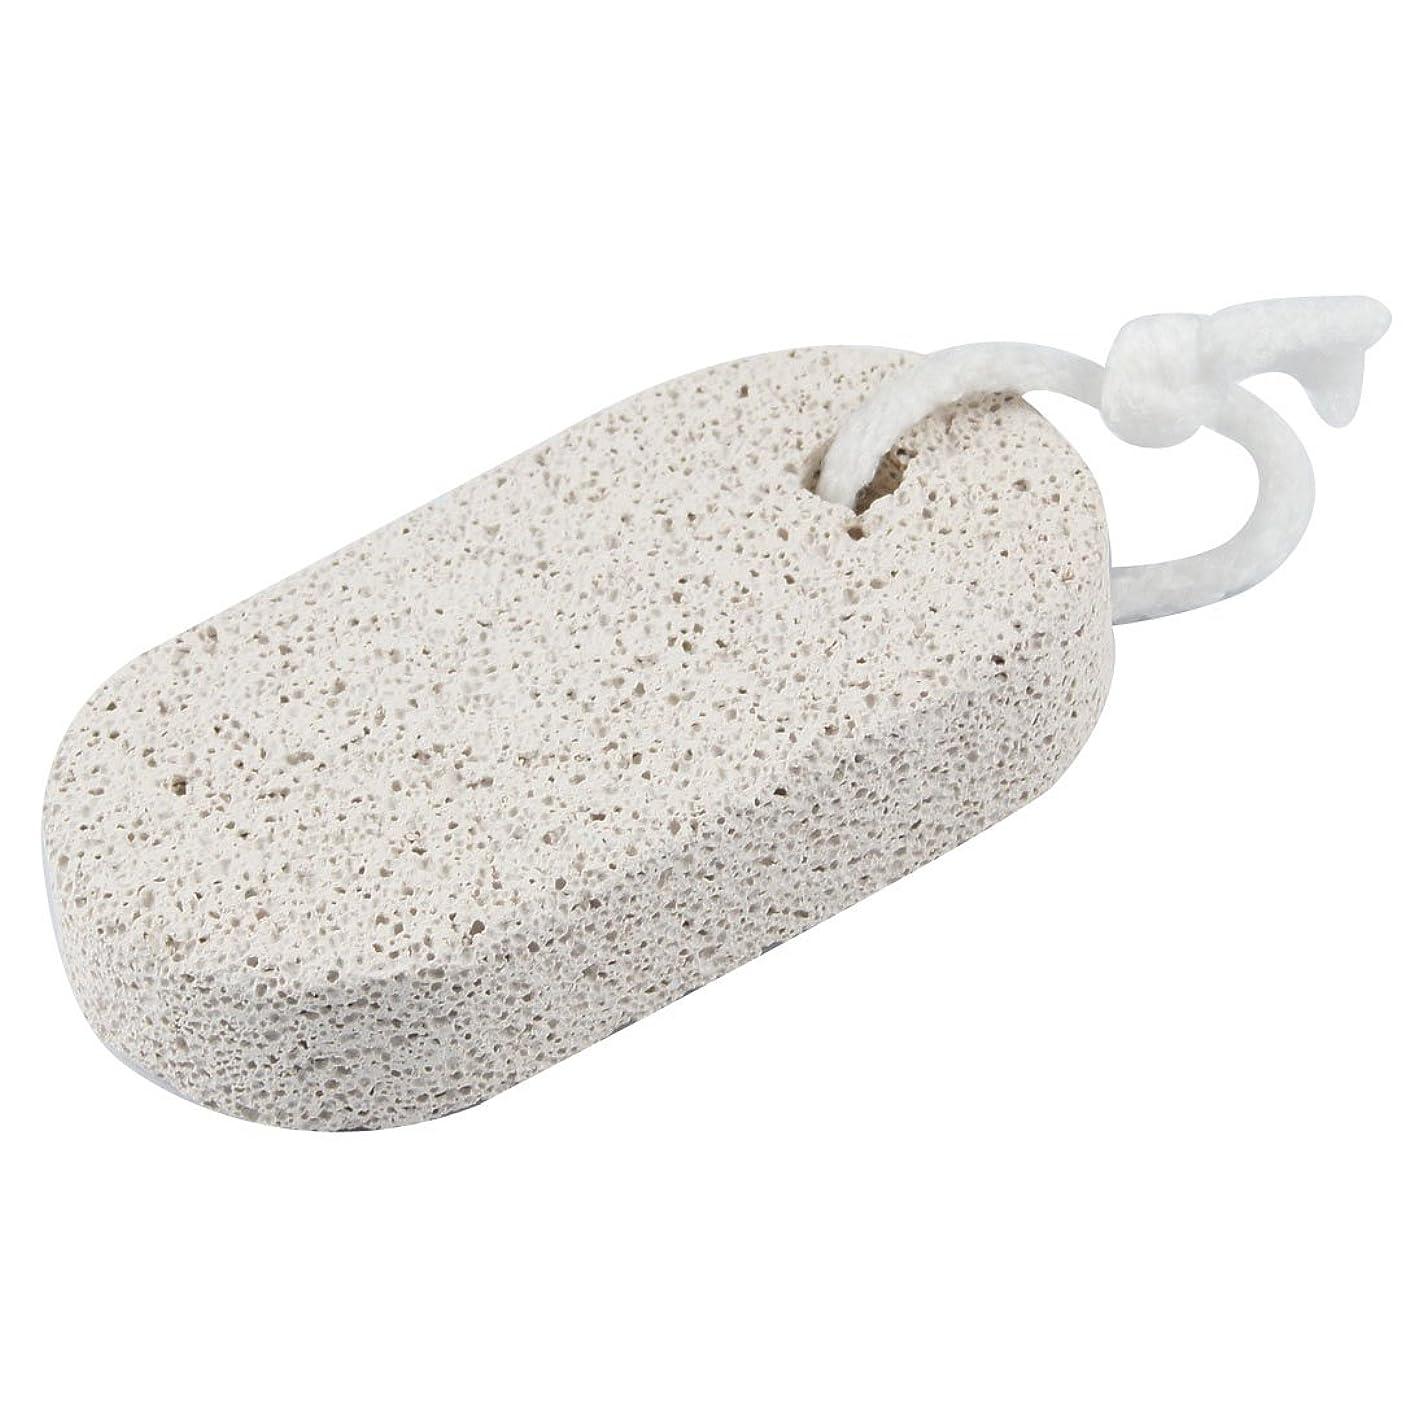 泥だらけトランクええuxcell フットファイル オーバルシェイプ 軽石製 フットペディキュアツール スキンリムーバー サンディングファイル